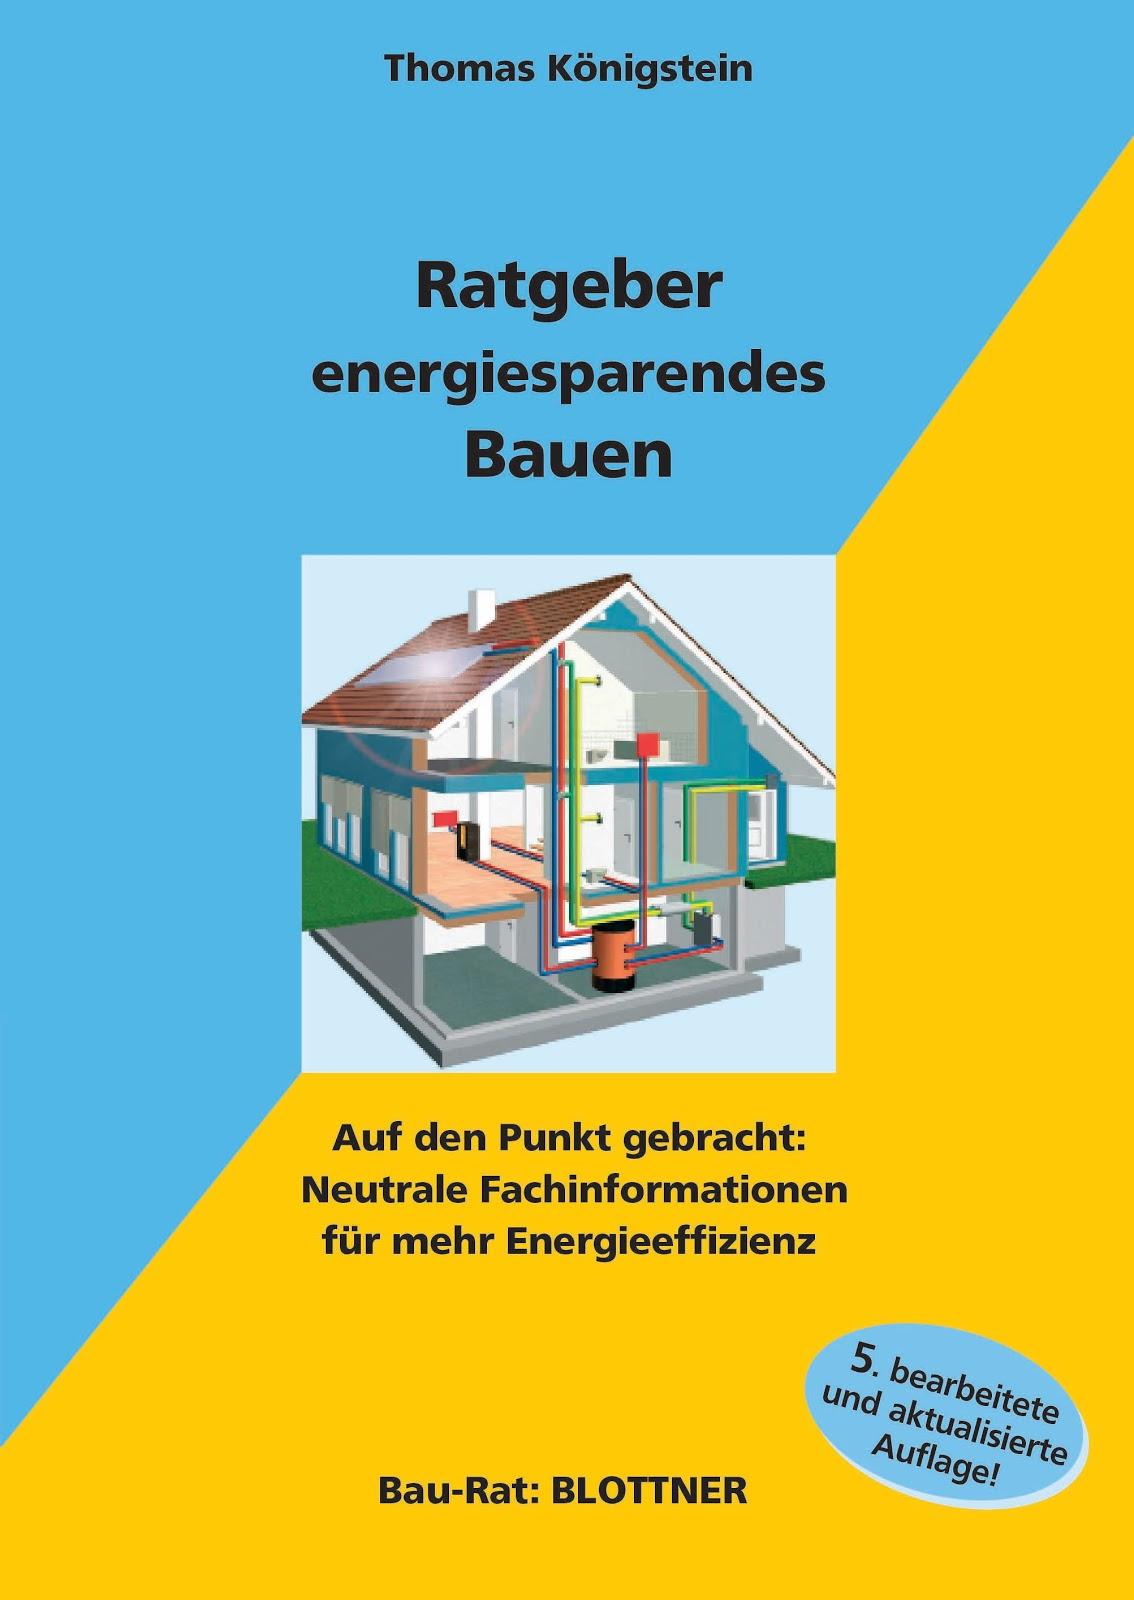 Einfach energiesparen ratgeber energiesparendes bauen for Energiesparendes bauen